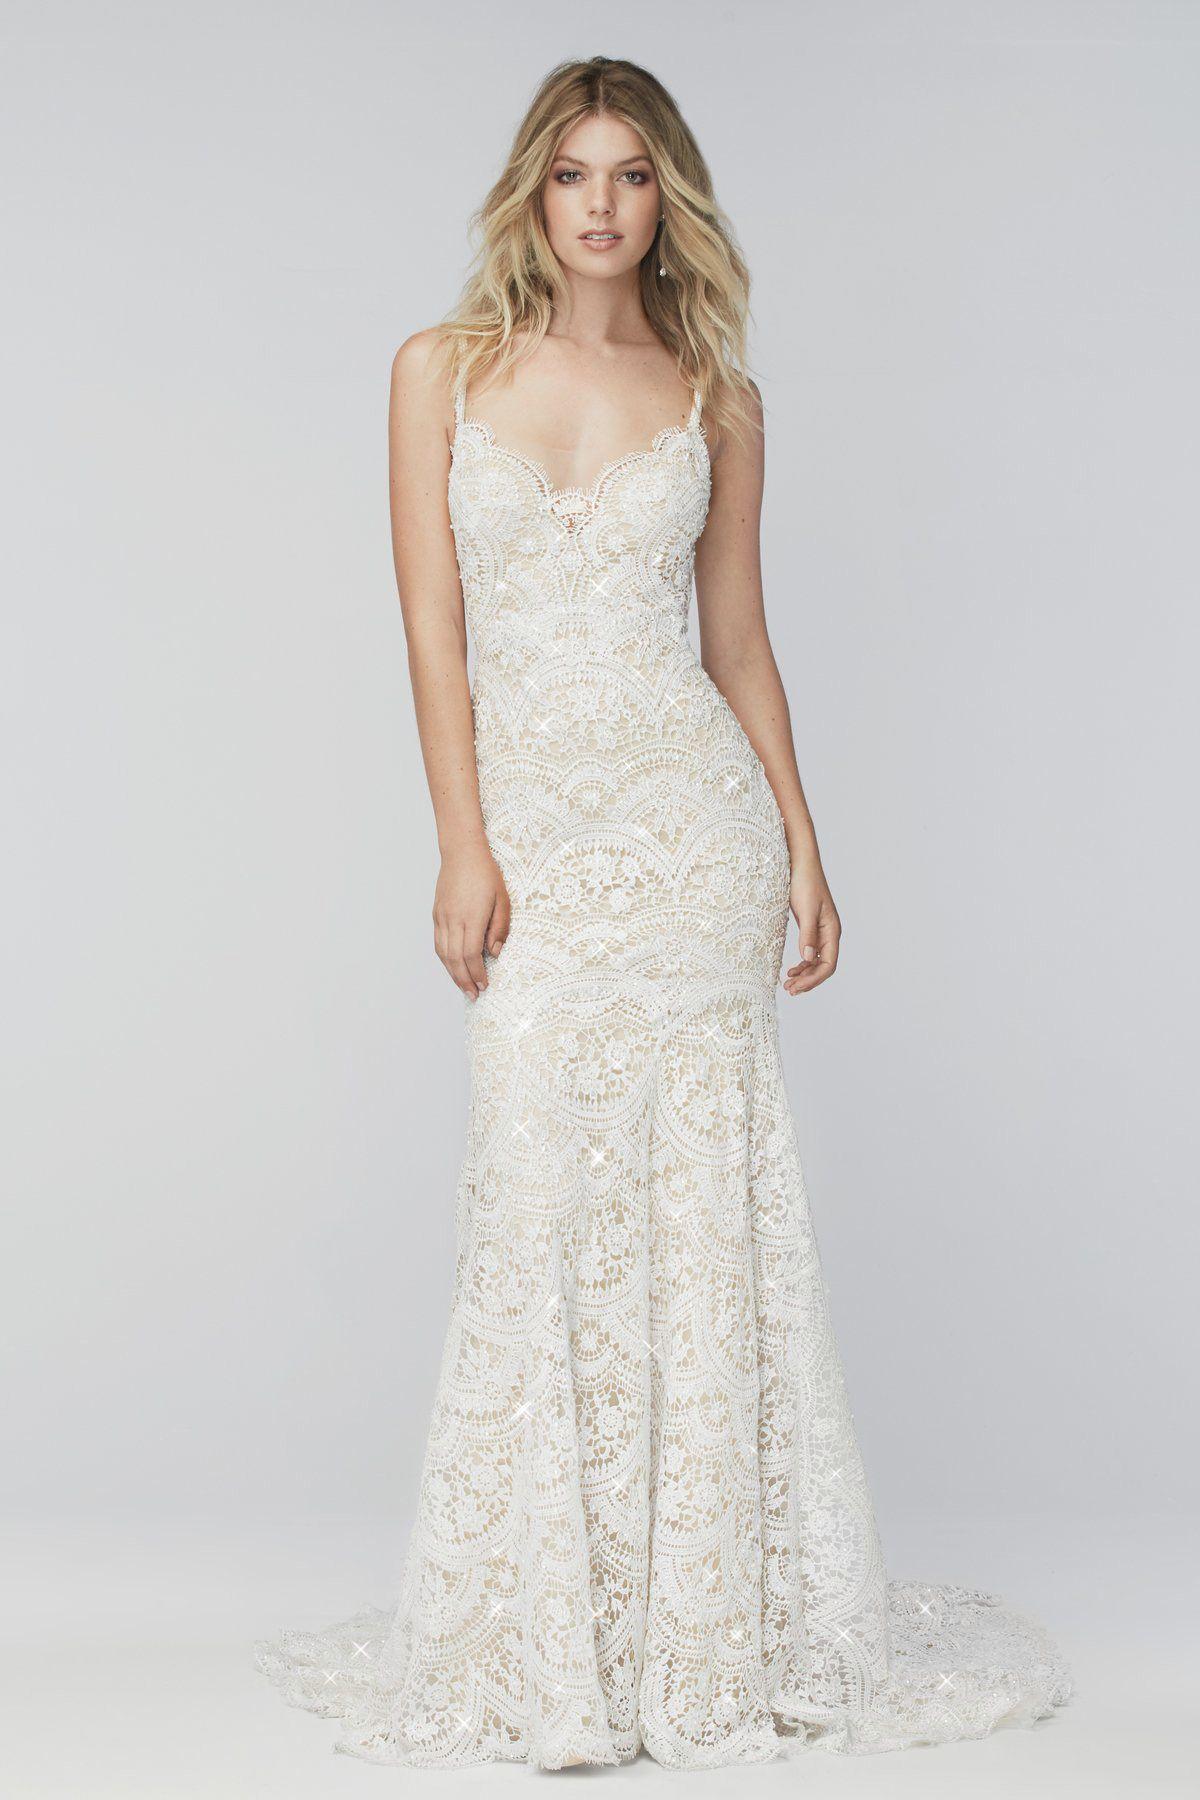 Wedding Dress Sample Sale Toronto 2017 Pemerintah Kota Ambon